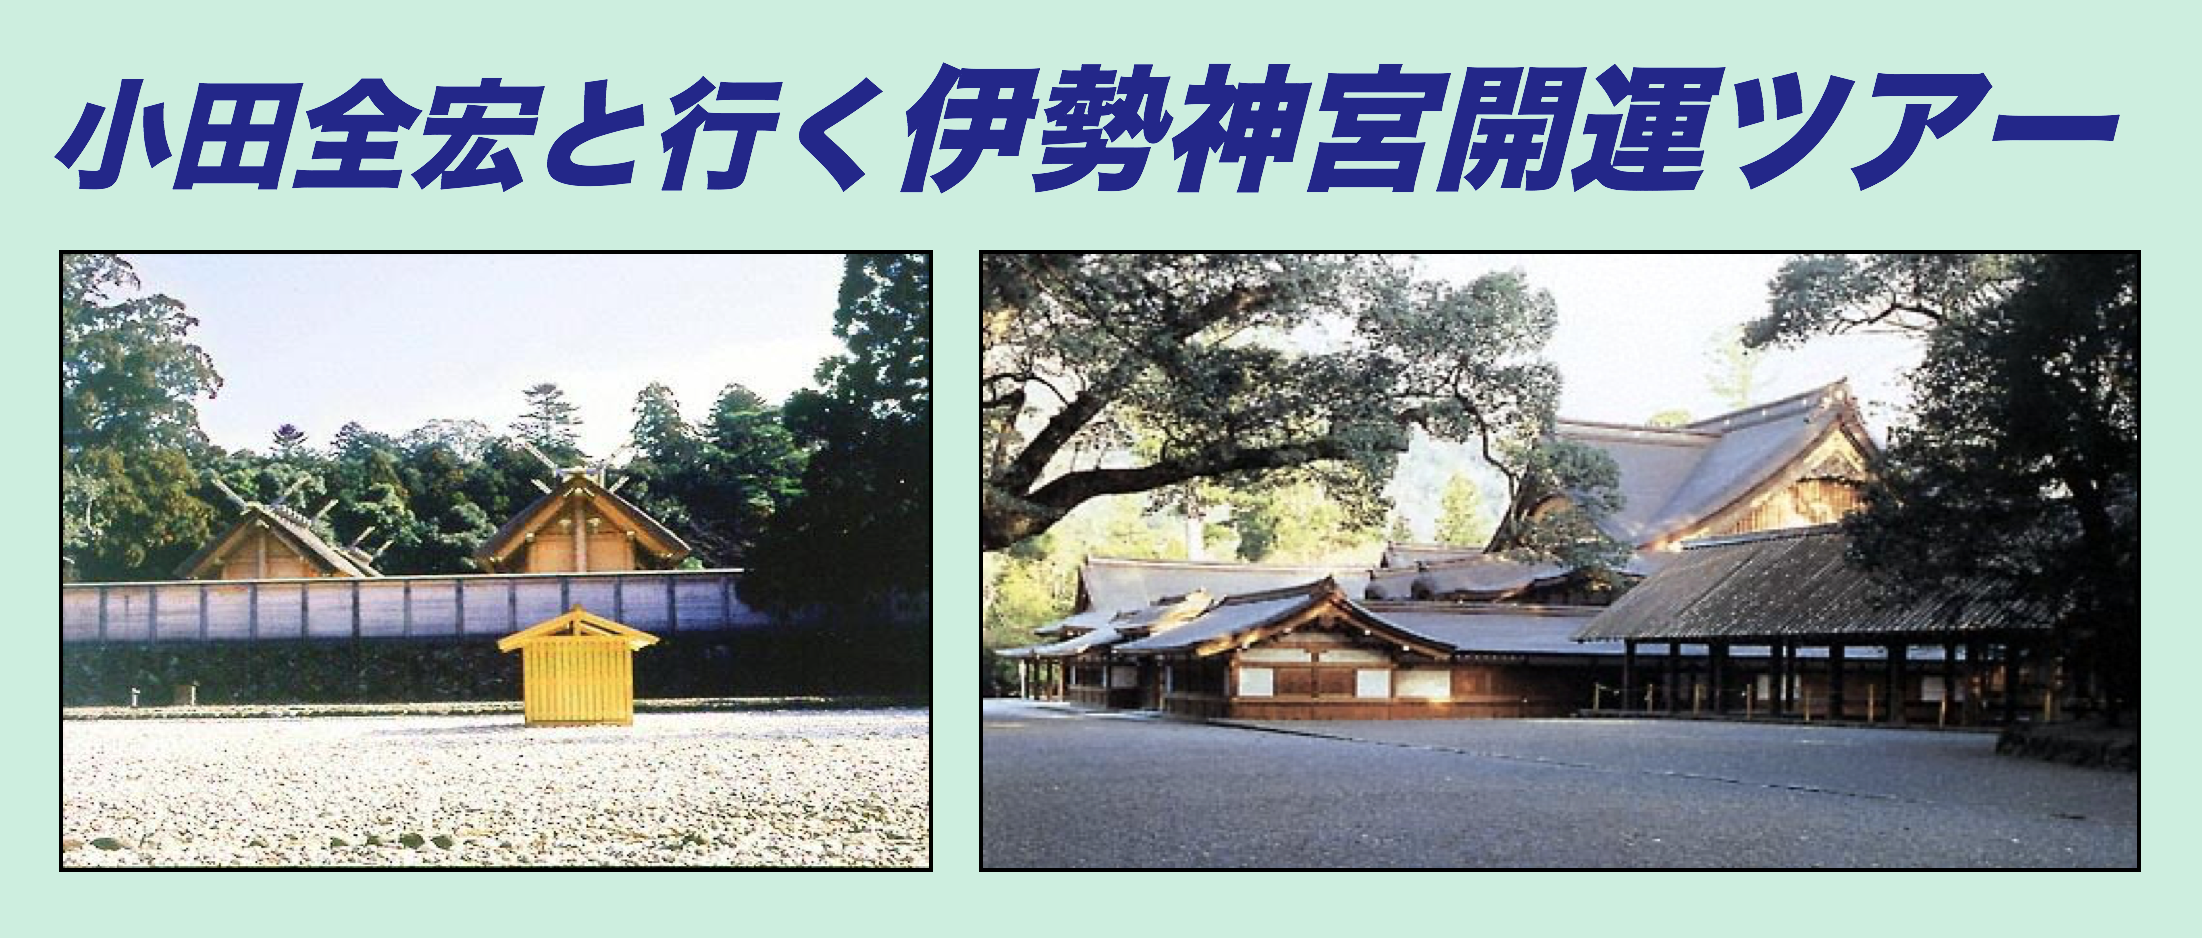 小田全宏と行く伊勢神宮開運ツアー2018年1月